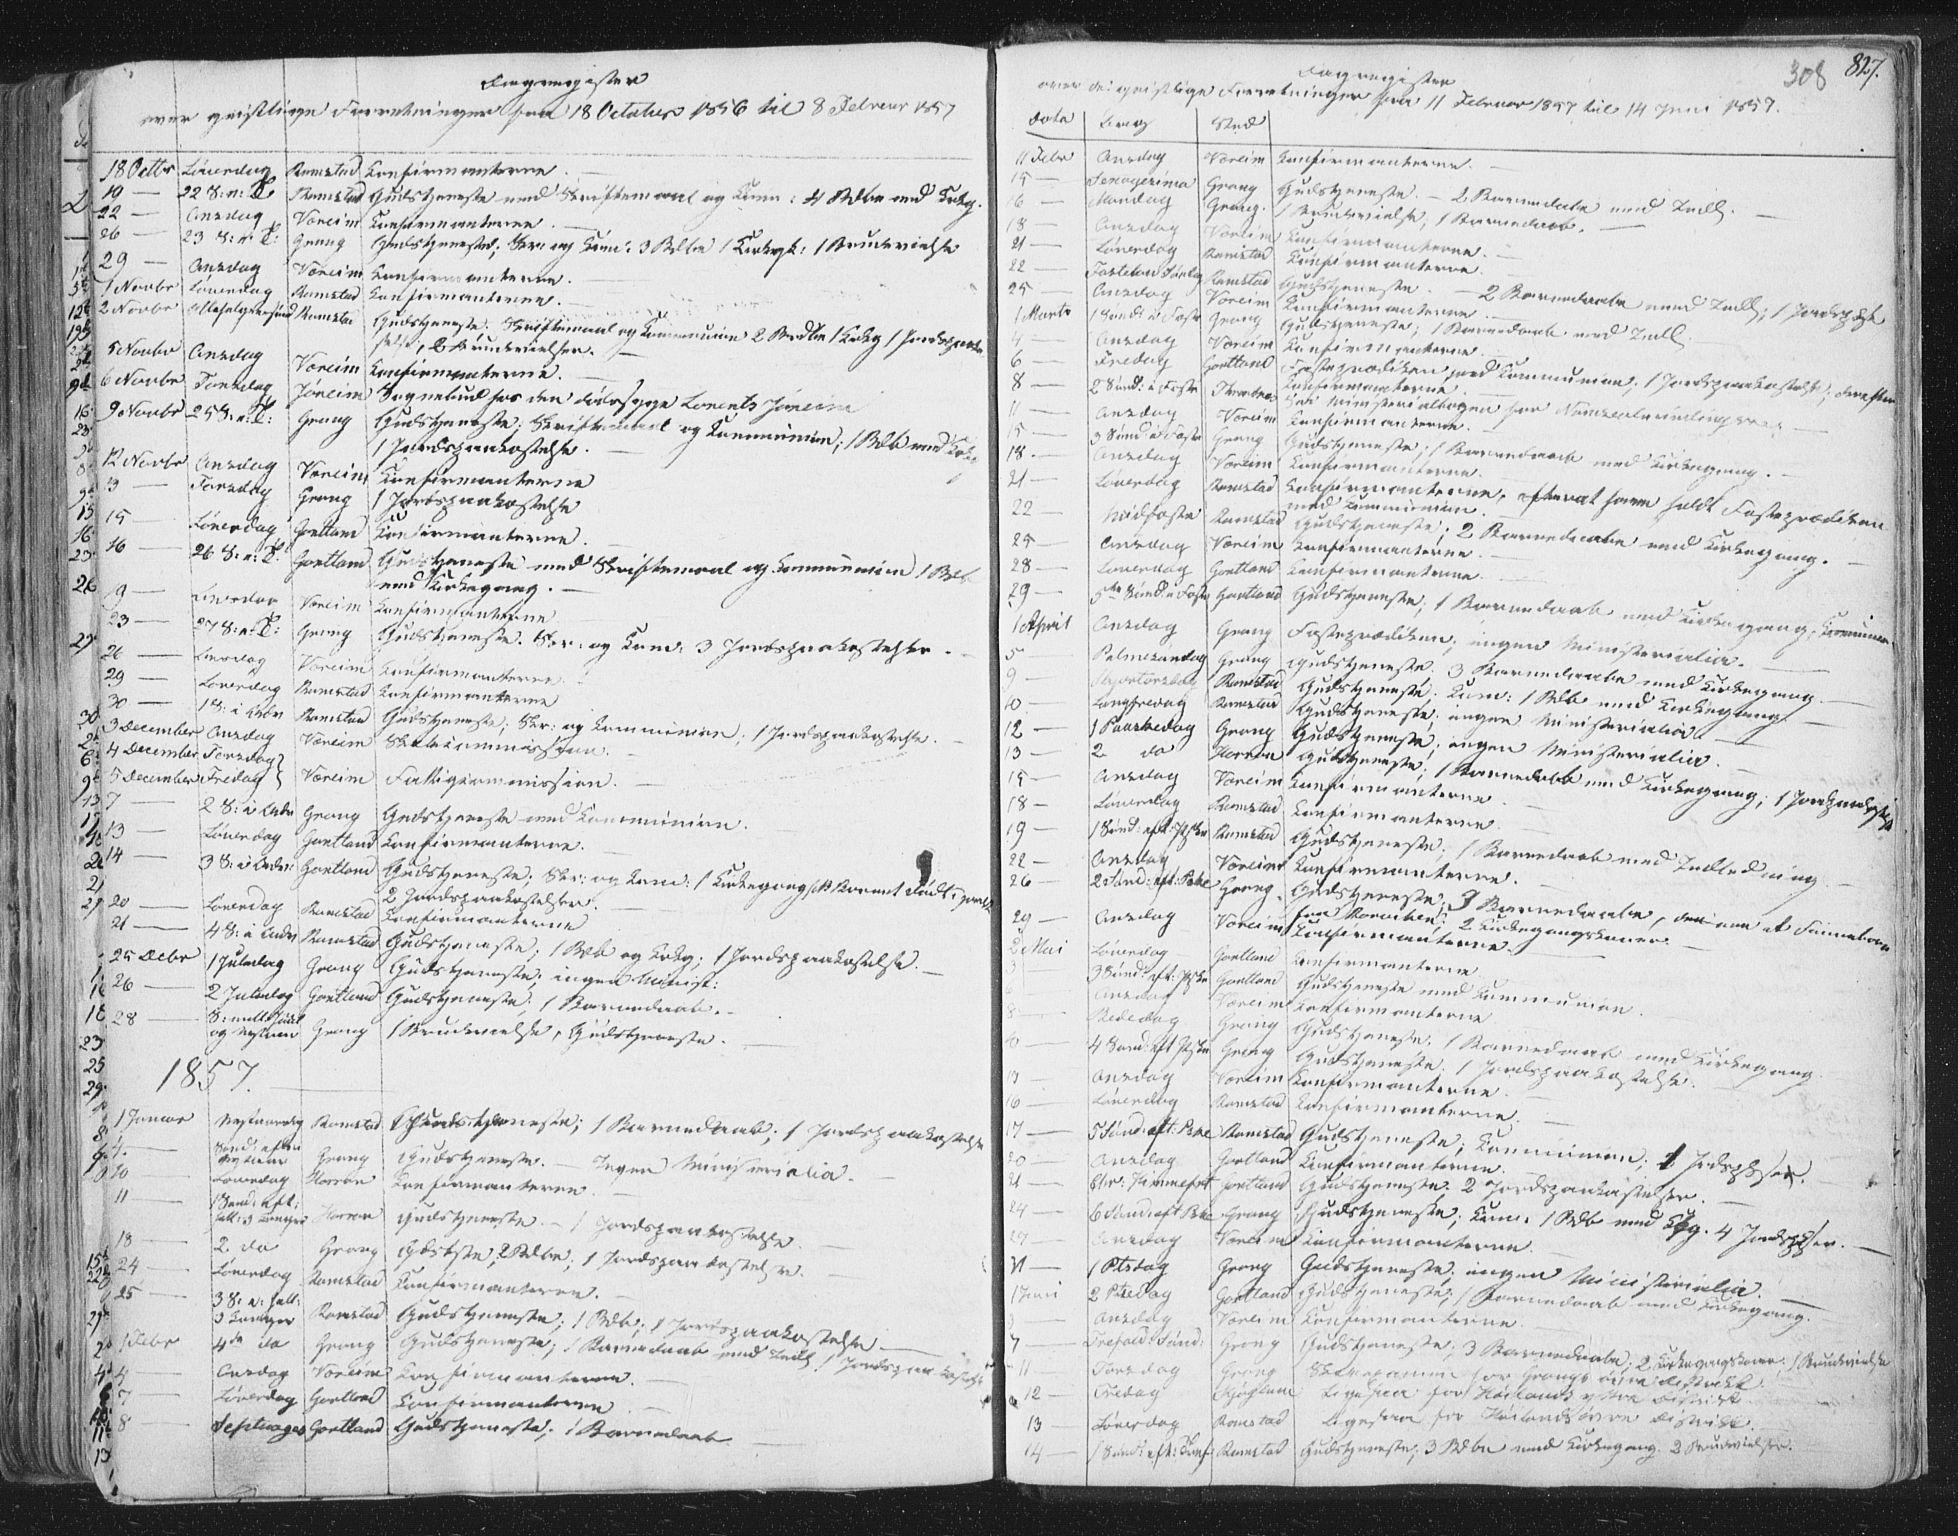 SAT, Ministerialprotokoller, klokkerbøker og fødselsregistre - Nord-Trøndelag, 758/L0513: Ministerialbok nr. 758A02 /1, 1839-1868, s. 308